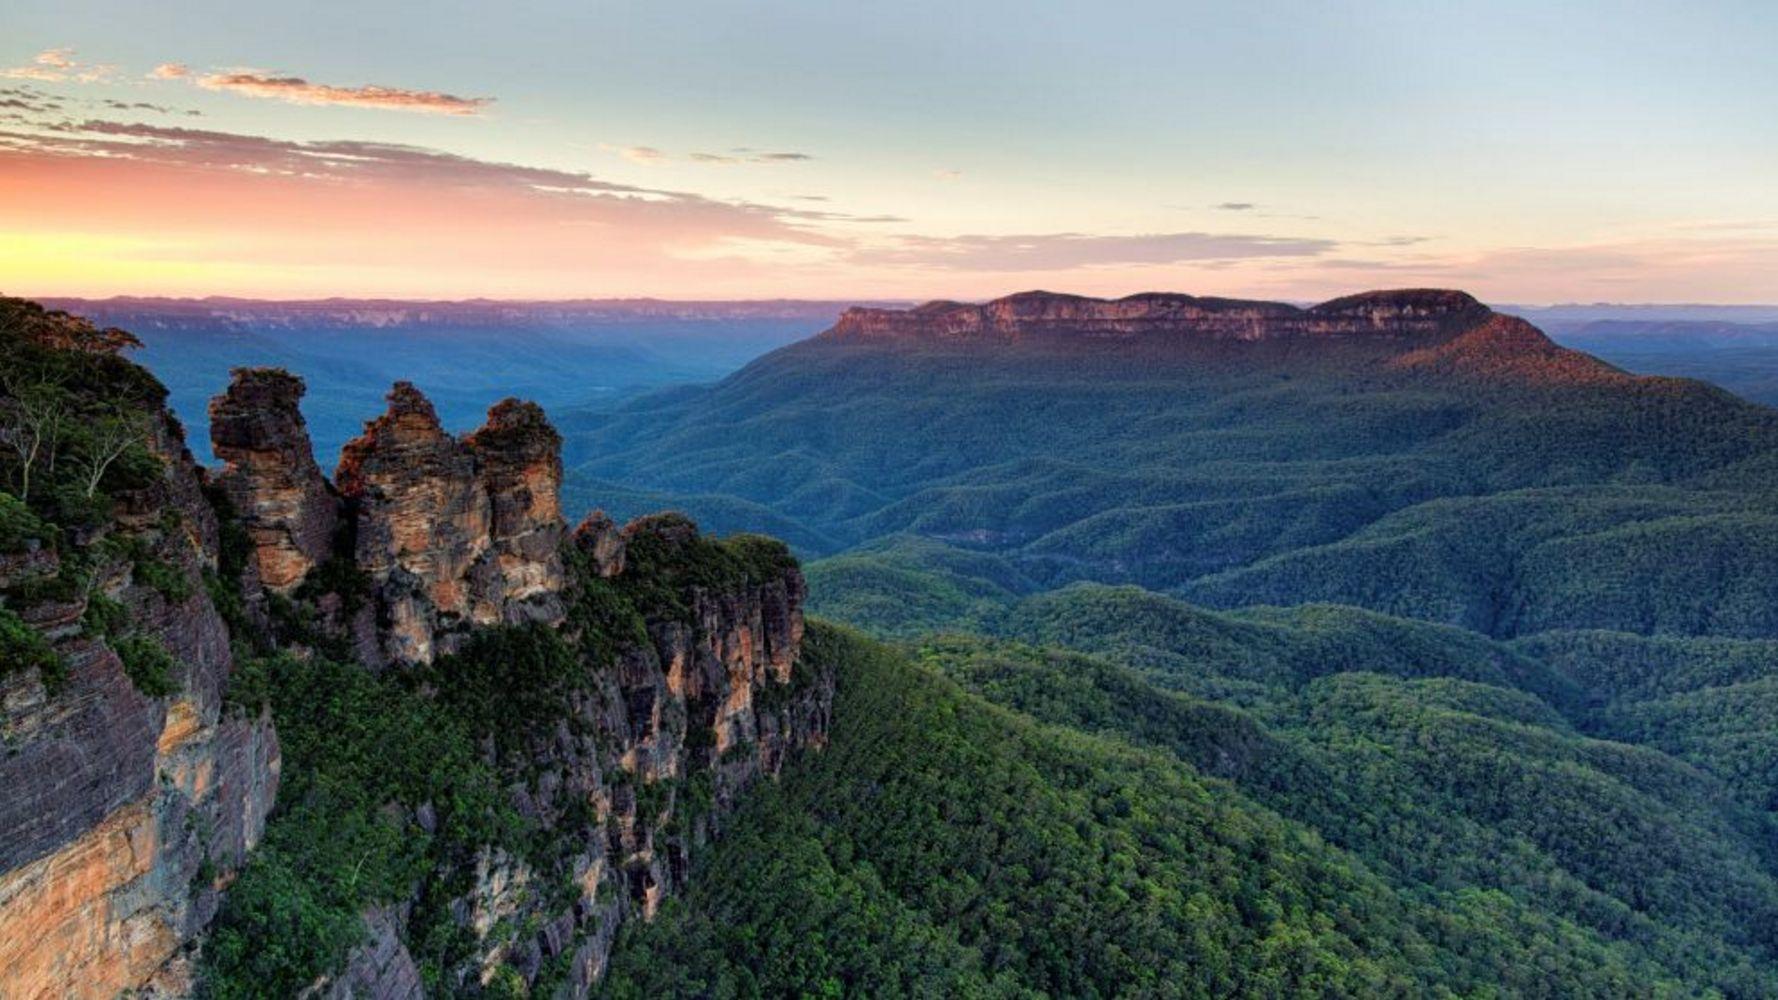 Three Sisters, Blue Mountains, NSW, Australia - 2023 solar eclipse tour